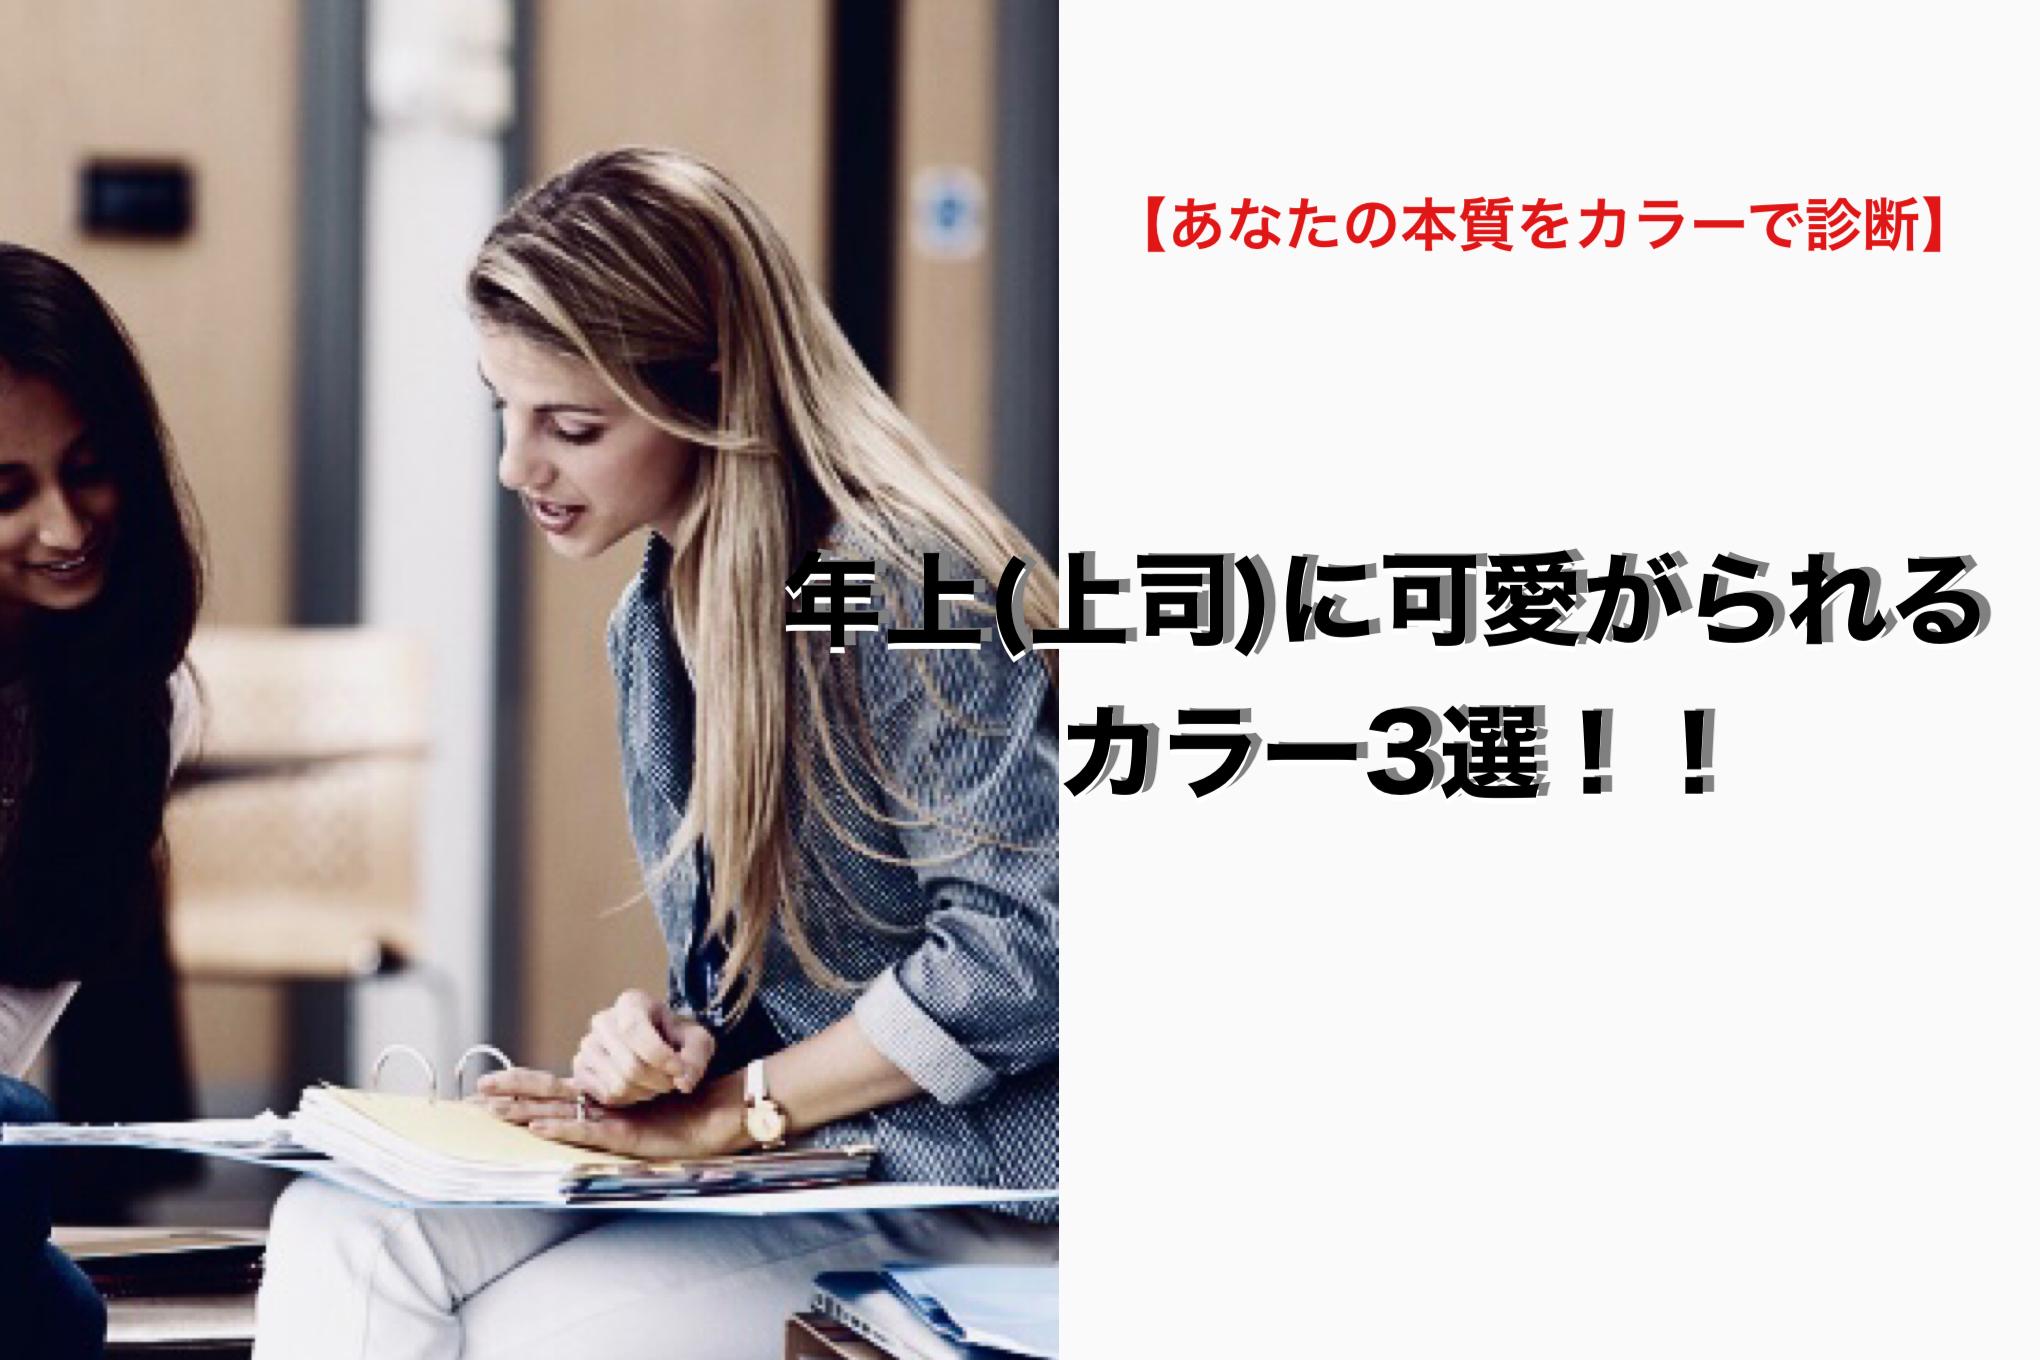 年上(上司)に可愛がられるカラー3選!!